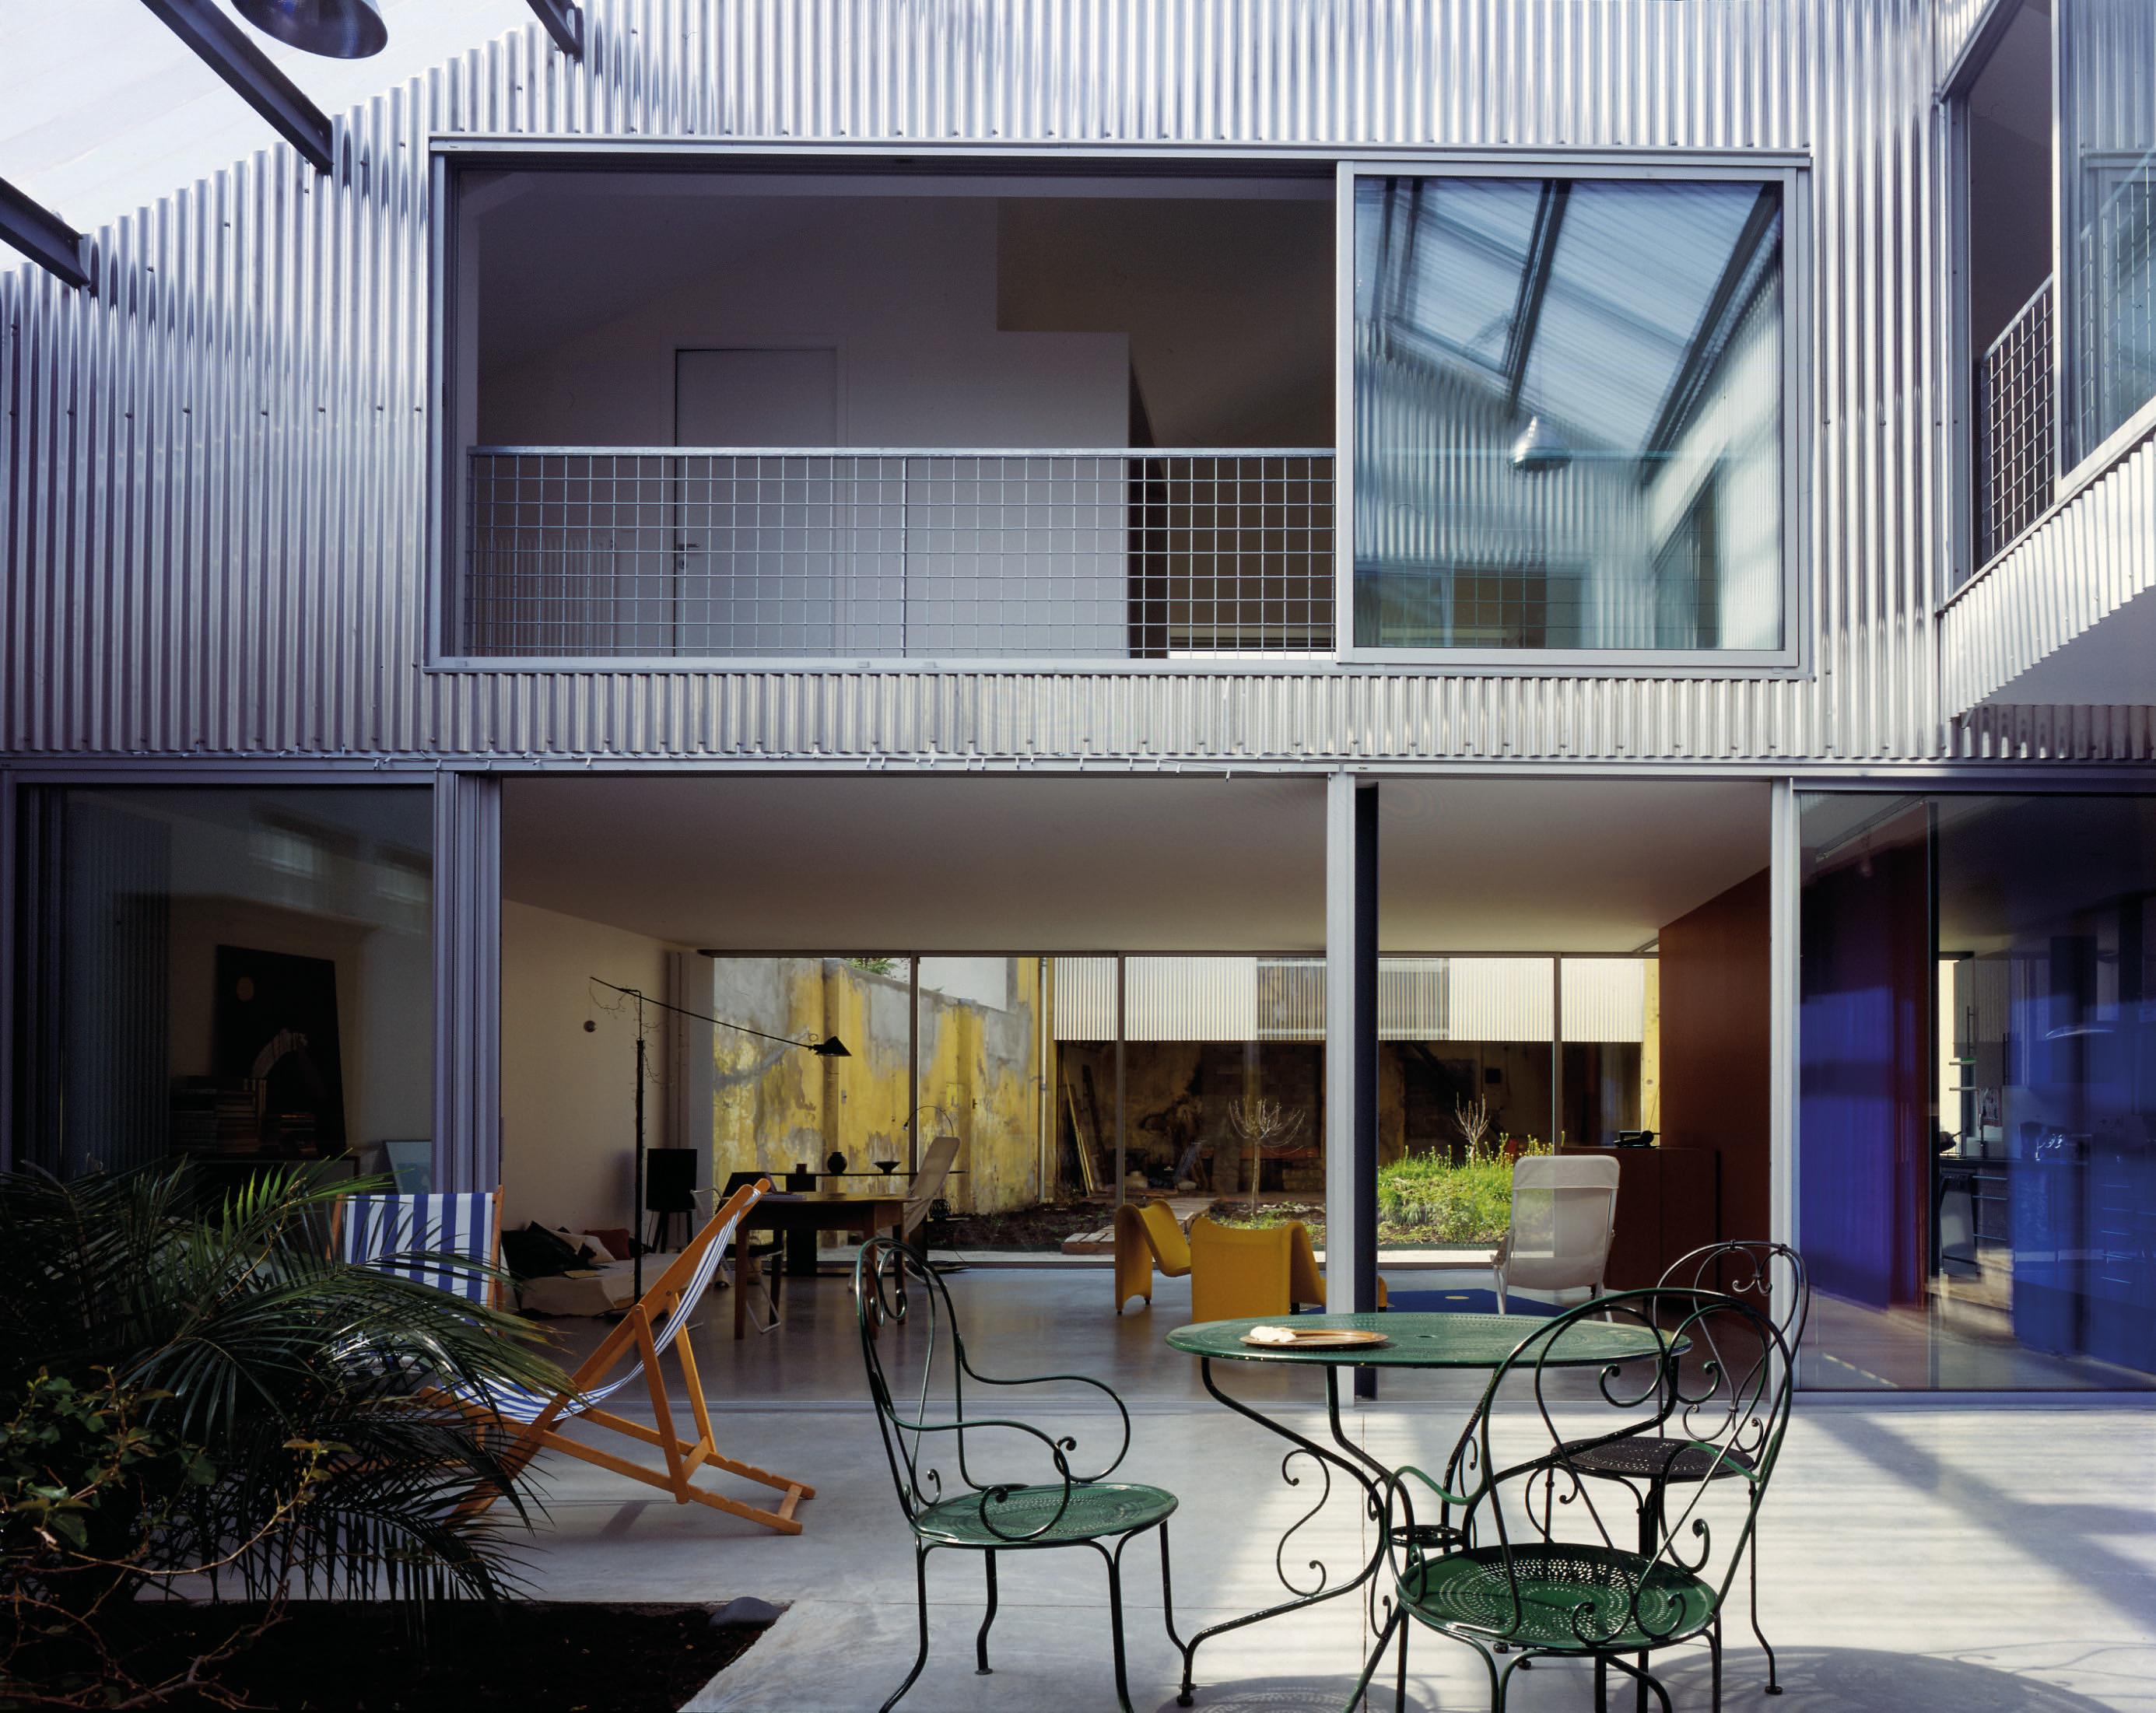 Casa em Bordeaux, projetada pela dupla francesa que leva o Pritzker 2021.